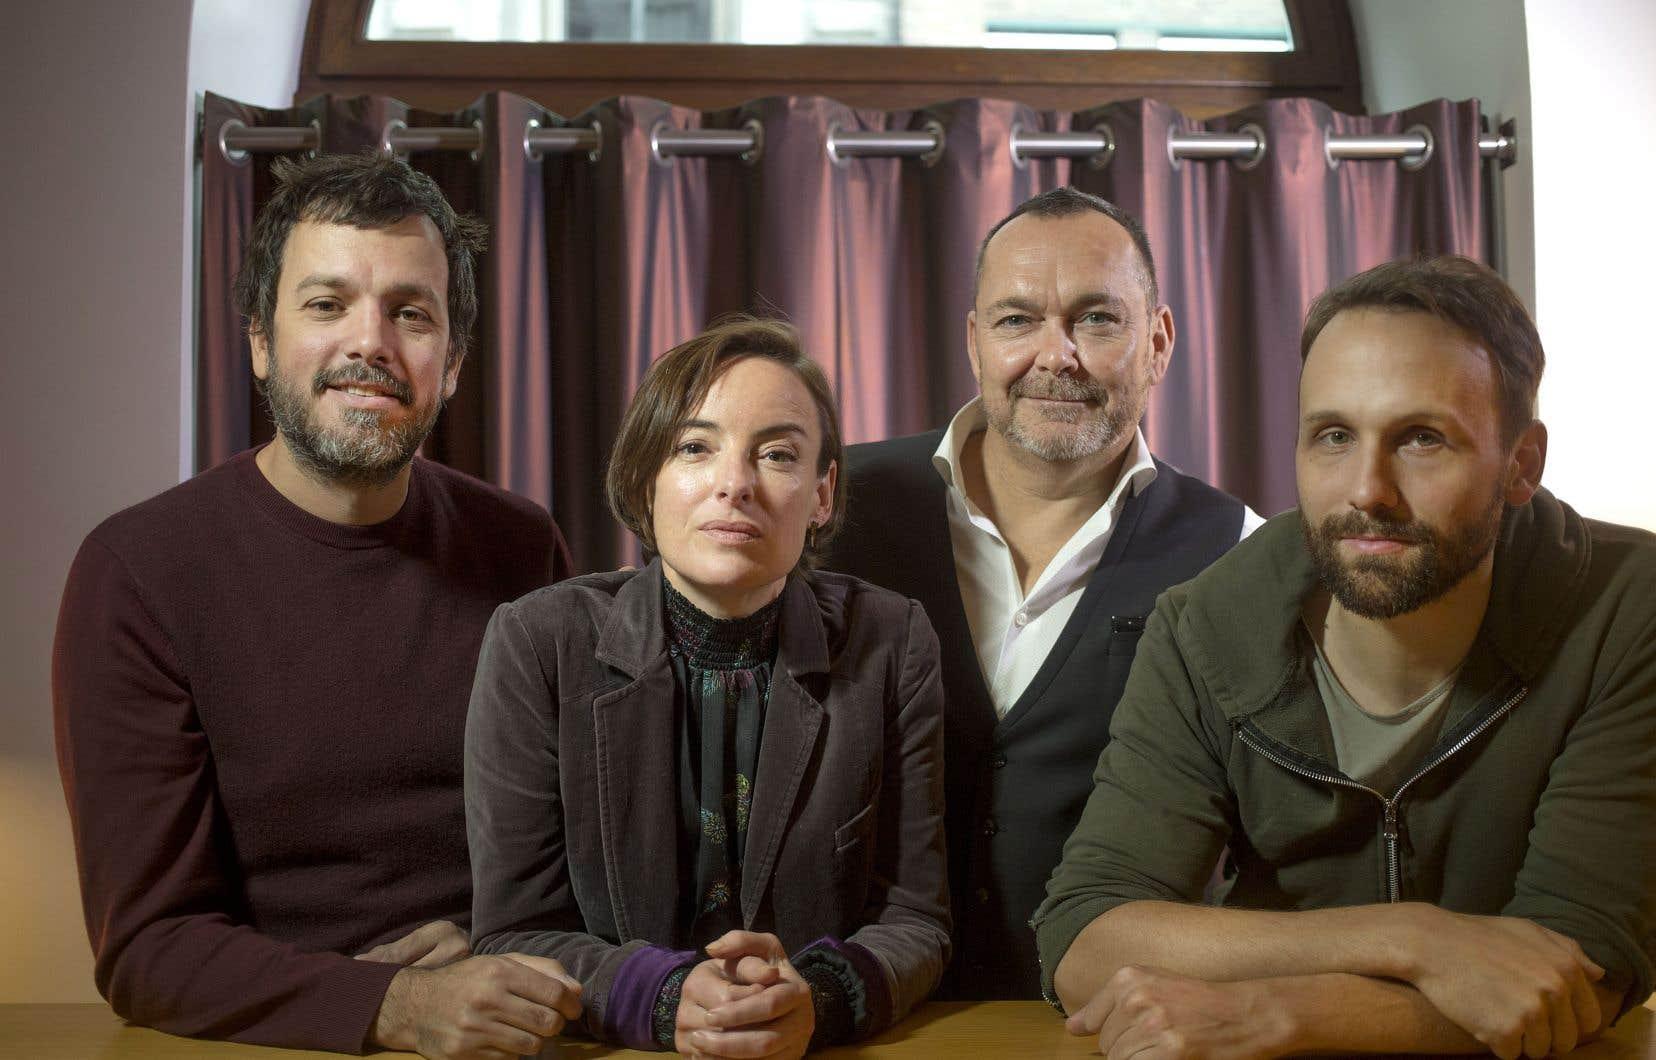 Le réalisateur Jean-François Asselin en compagnie des acteurs Pascale Bussières, Jean-Michel Anctil et Émile Proulx-Cloutier